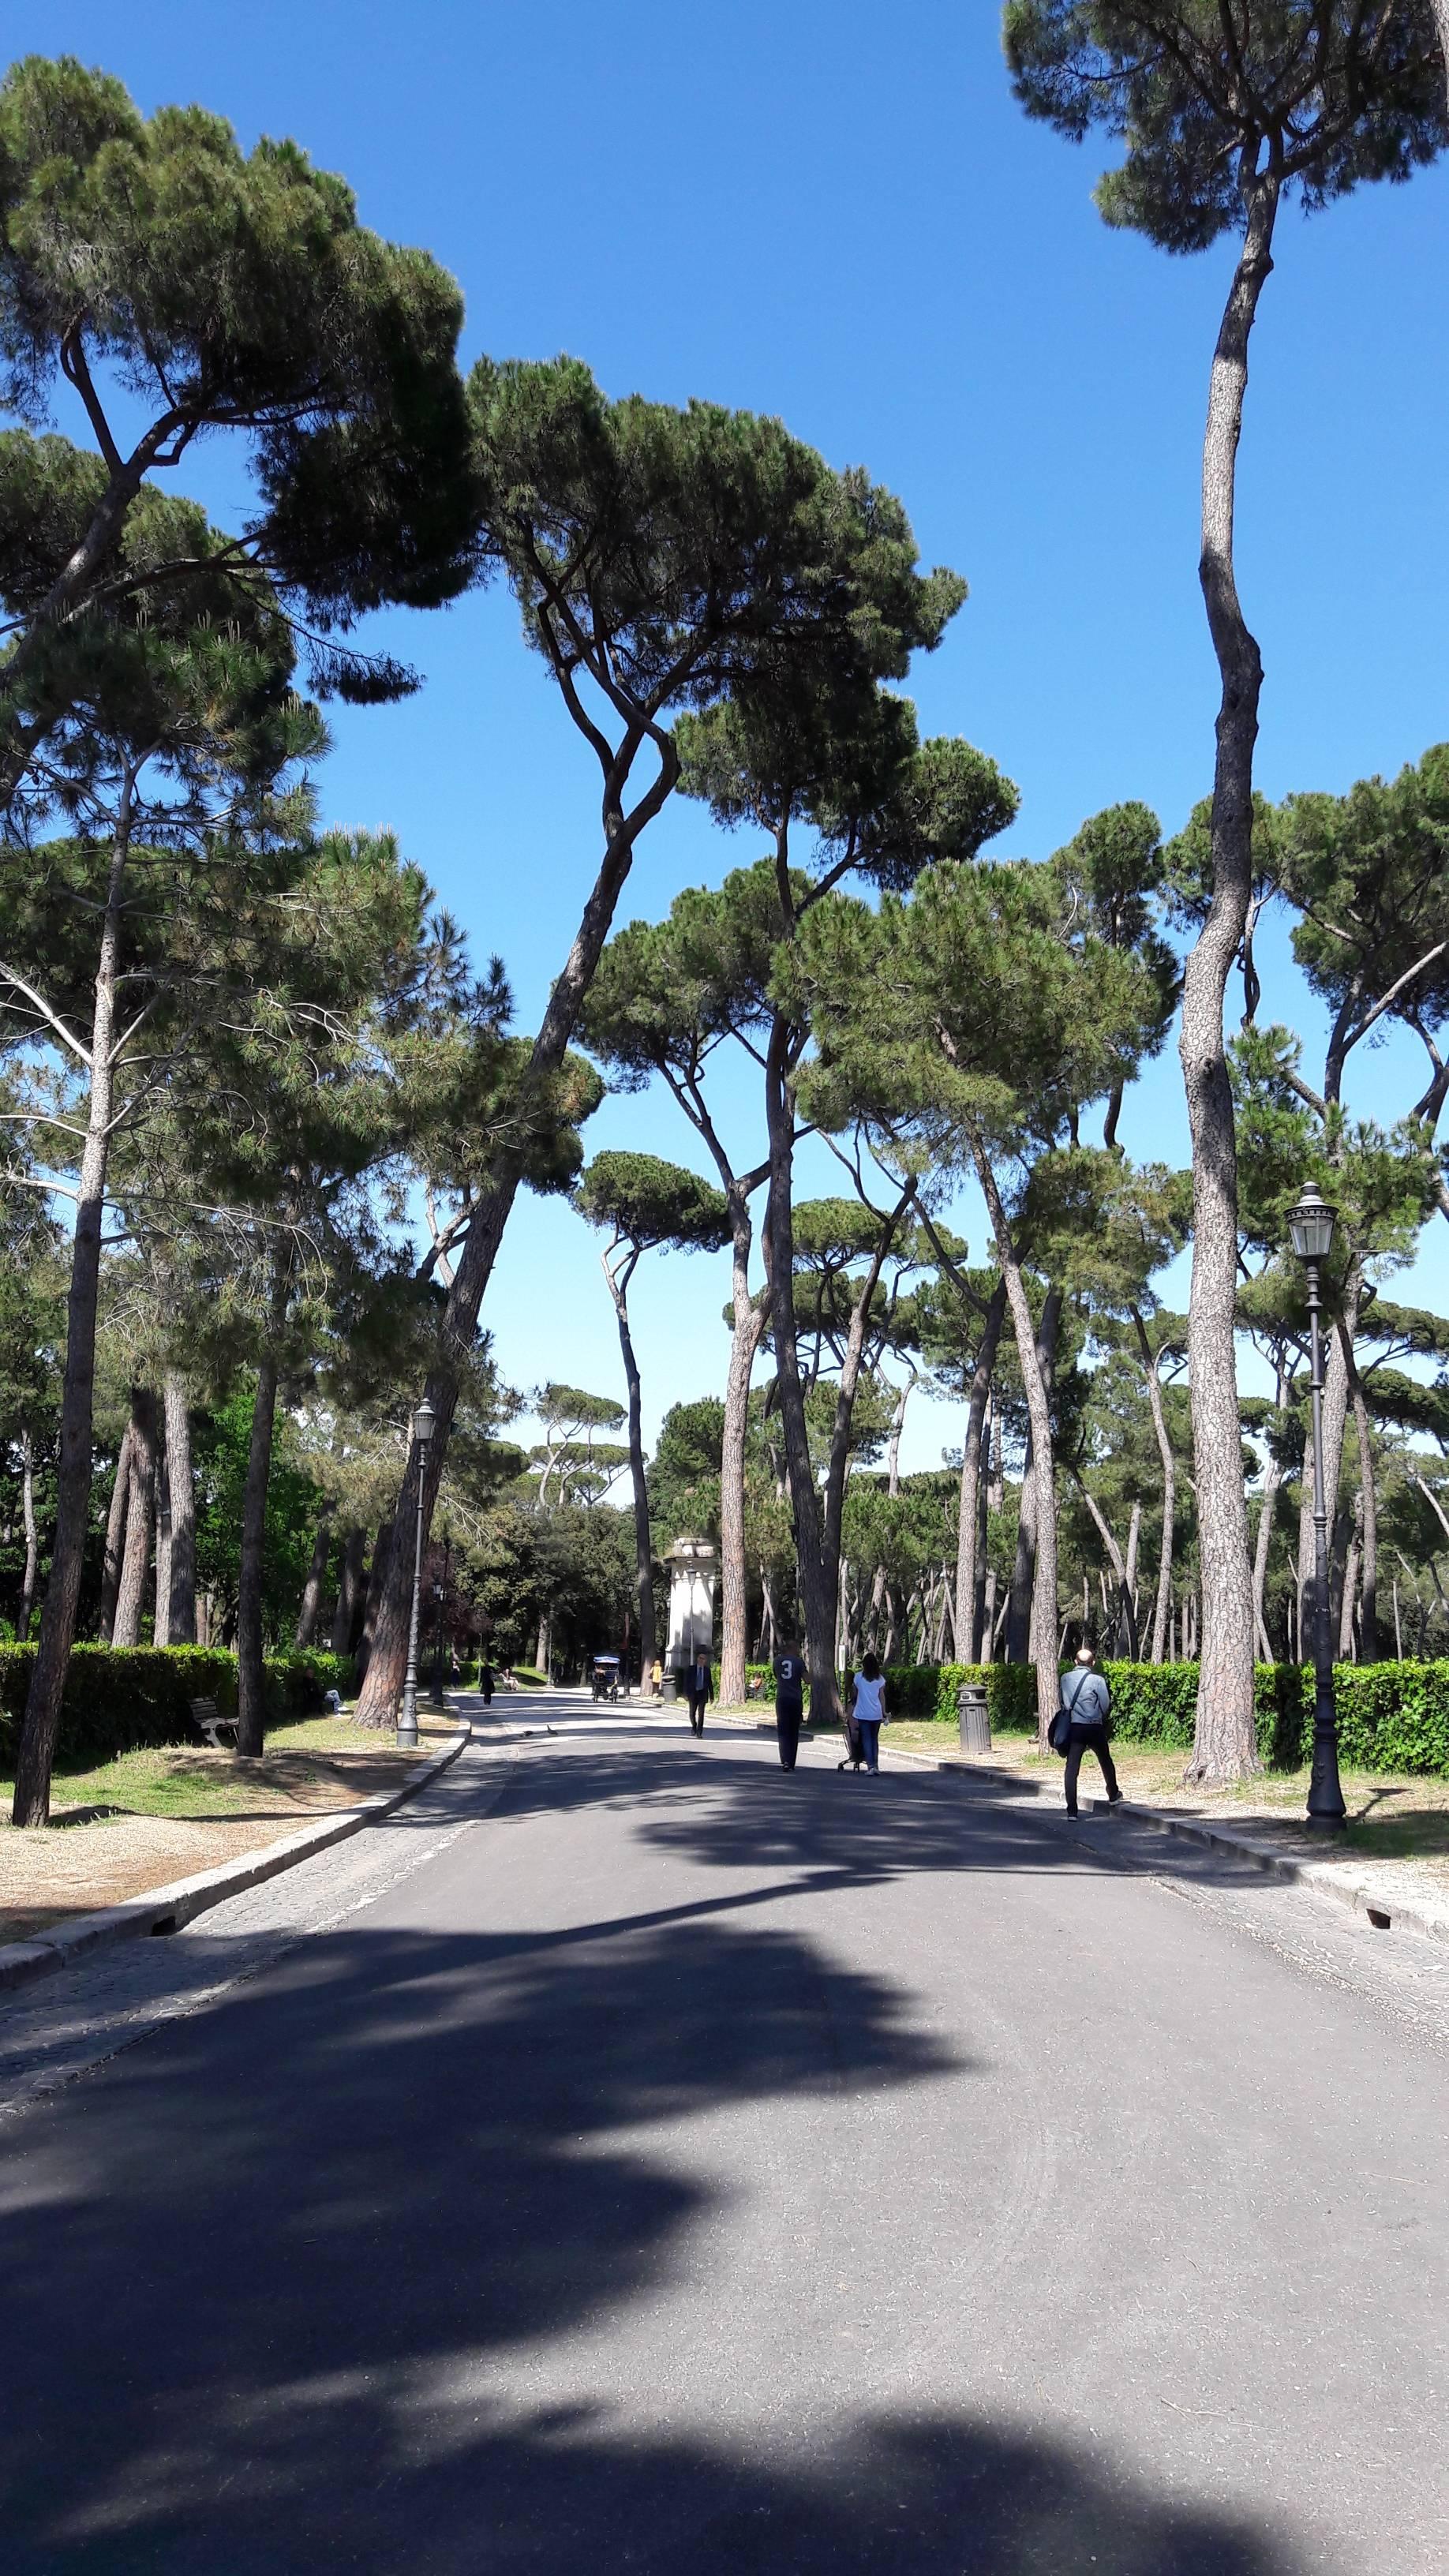 Photo 1: Le central park de Rome !